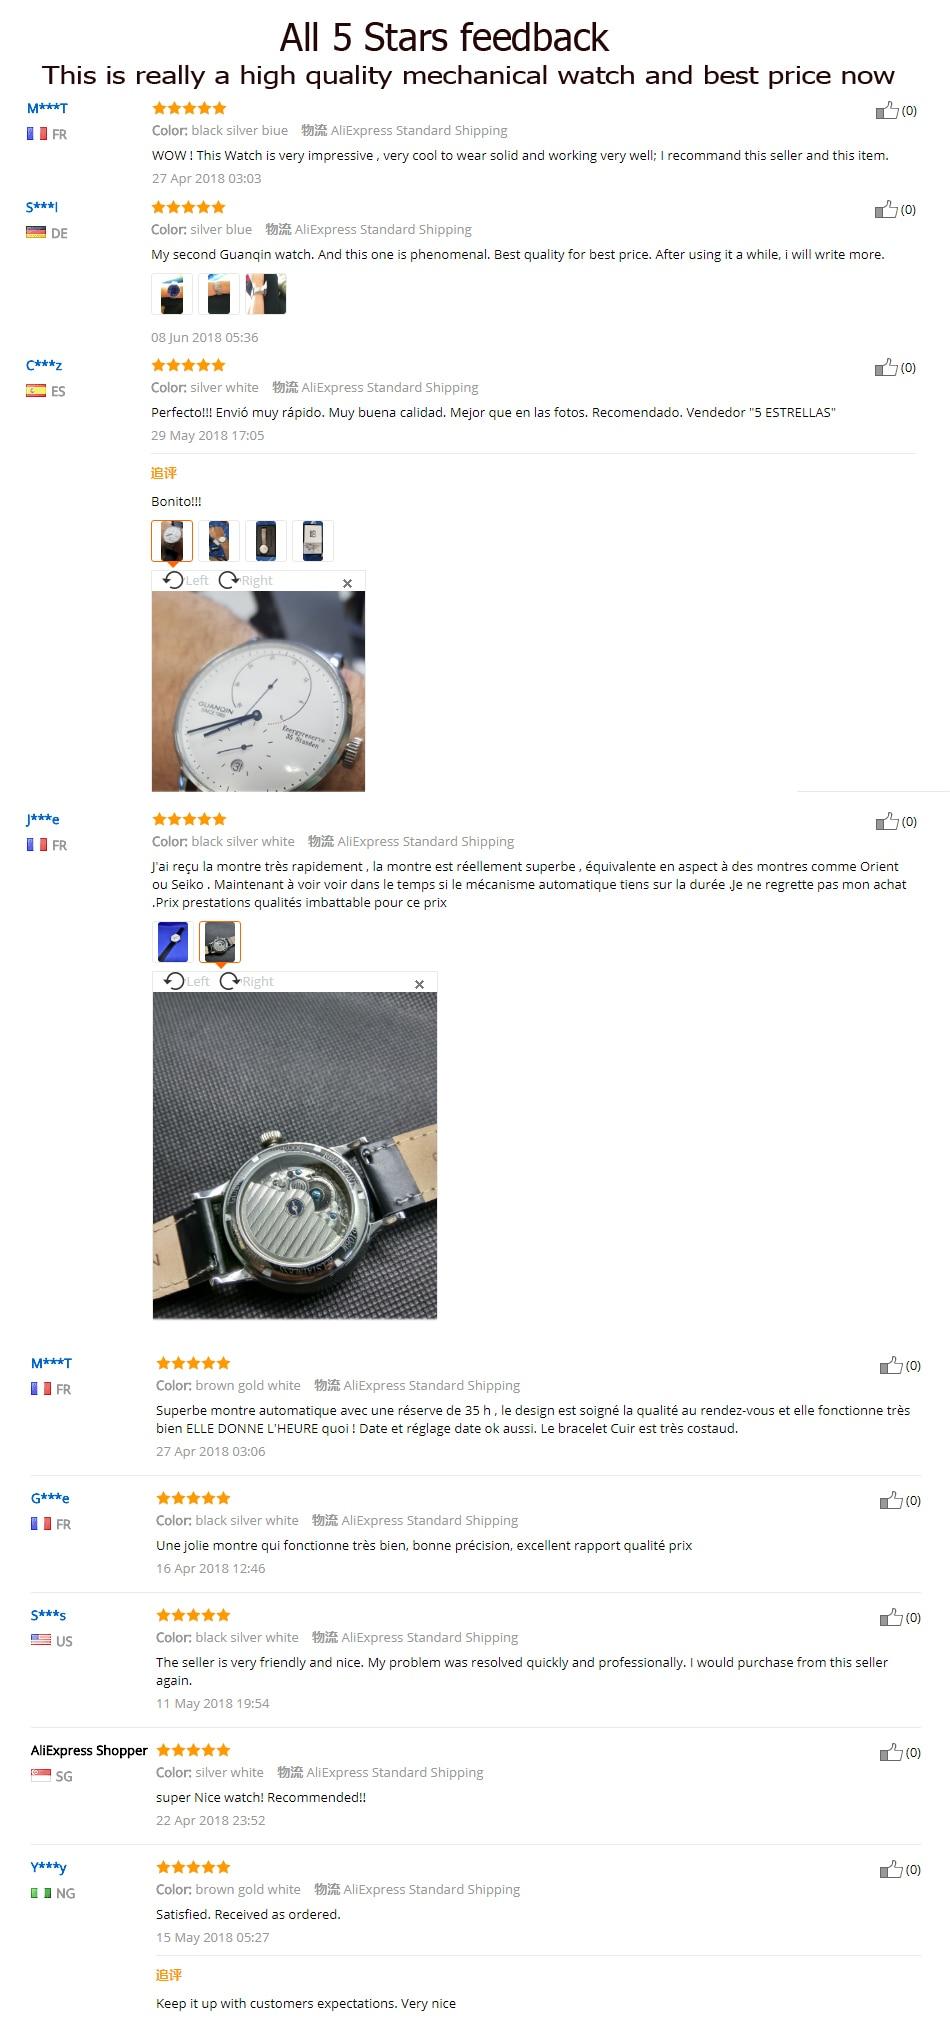 106 feedback